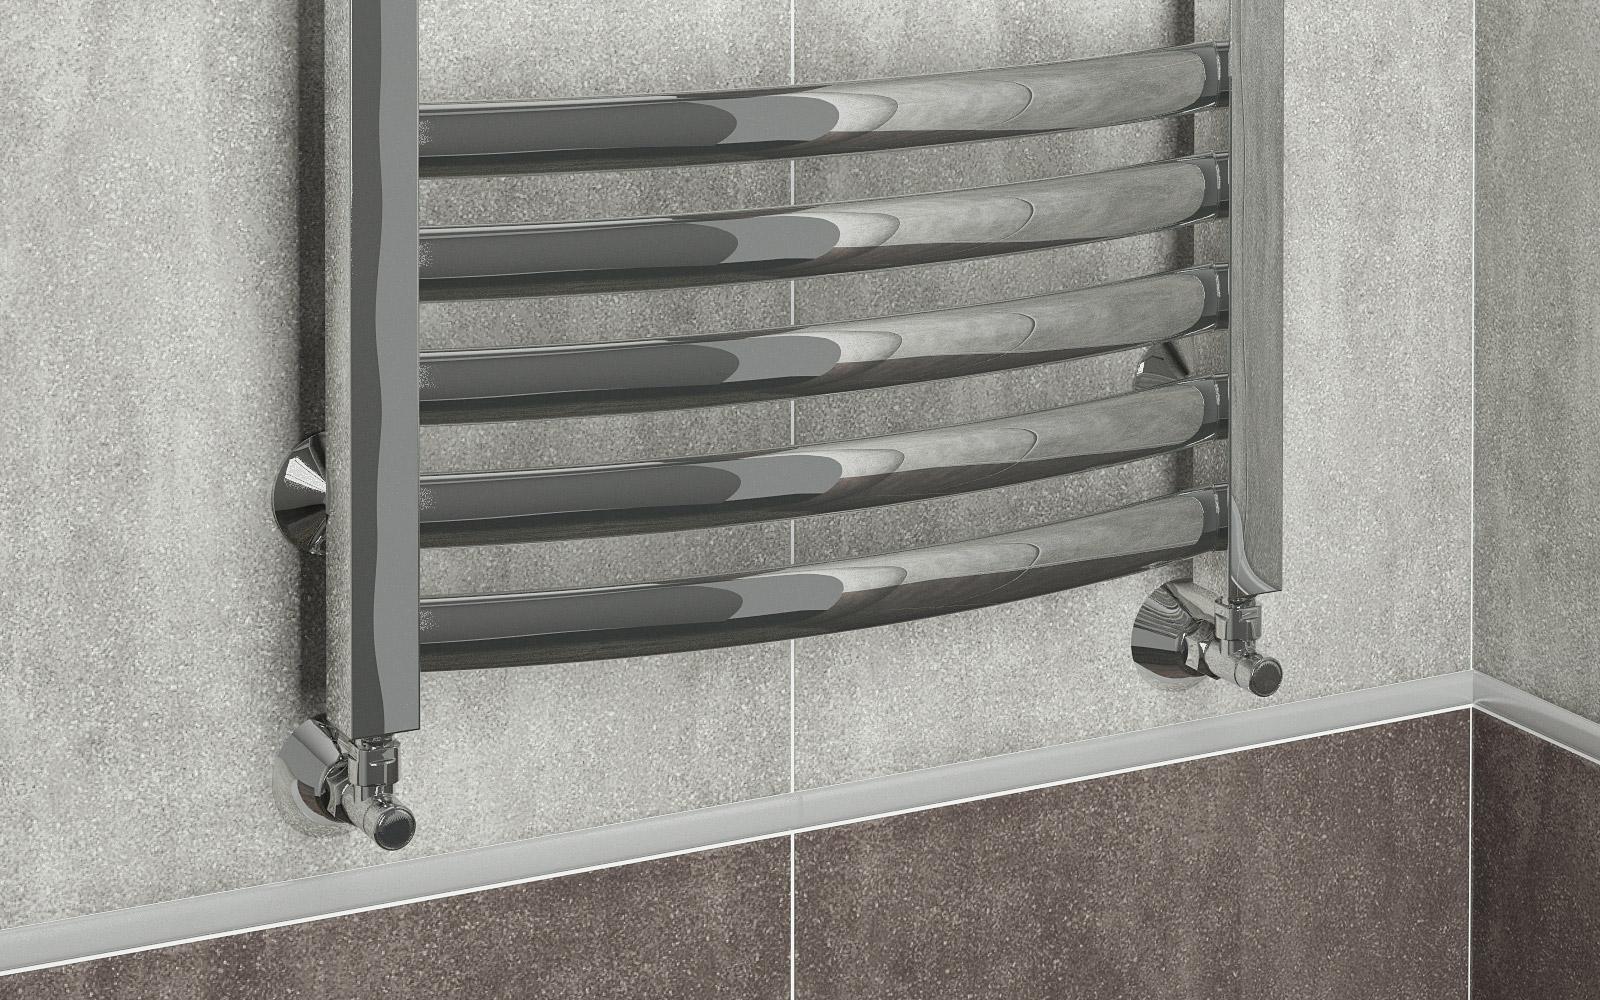 Как выбрать полотенцесушитель для ванной. какой лучше: электрический или водяной?